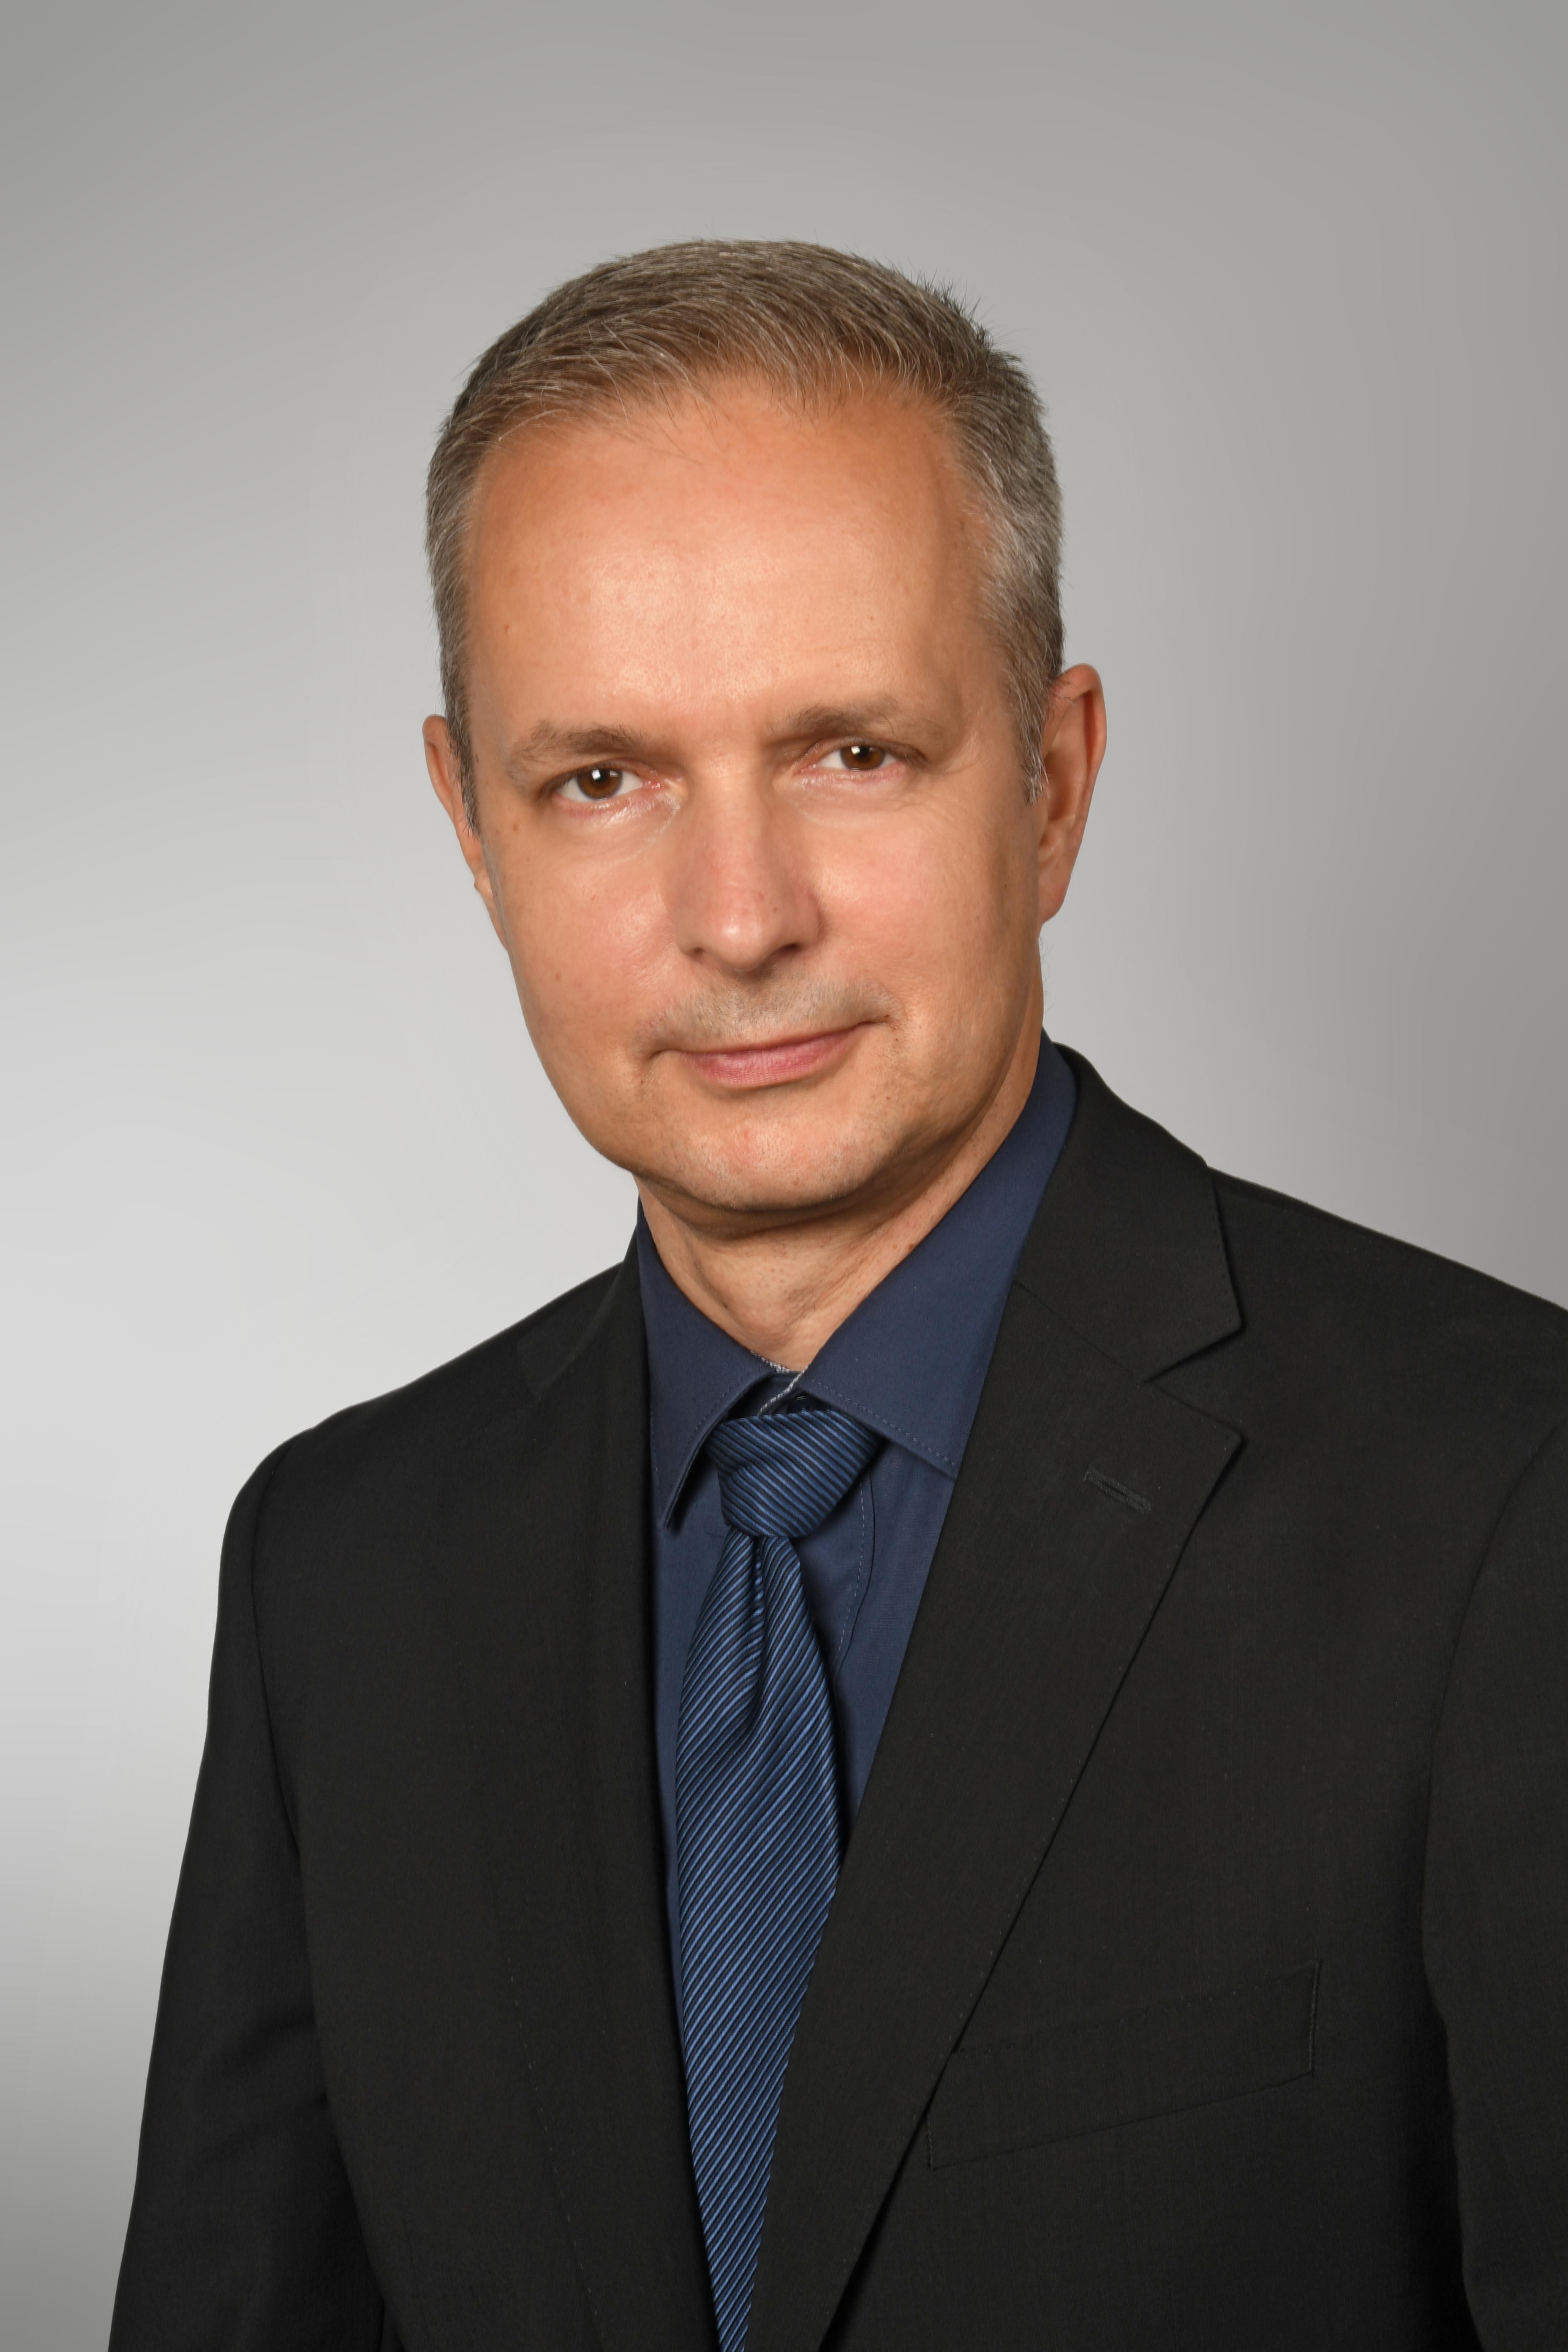 Marco Langhof